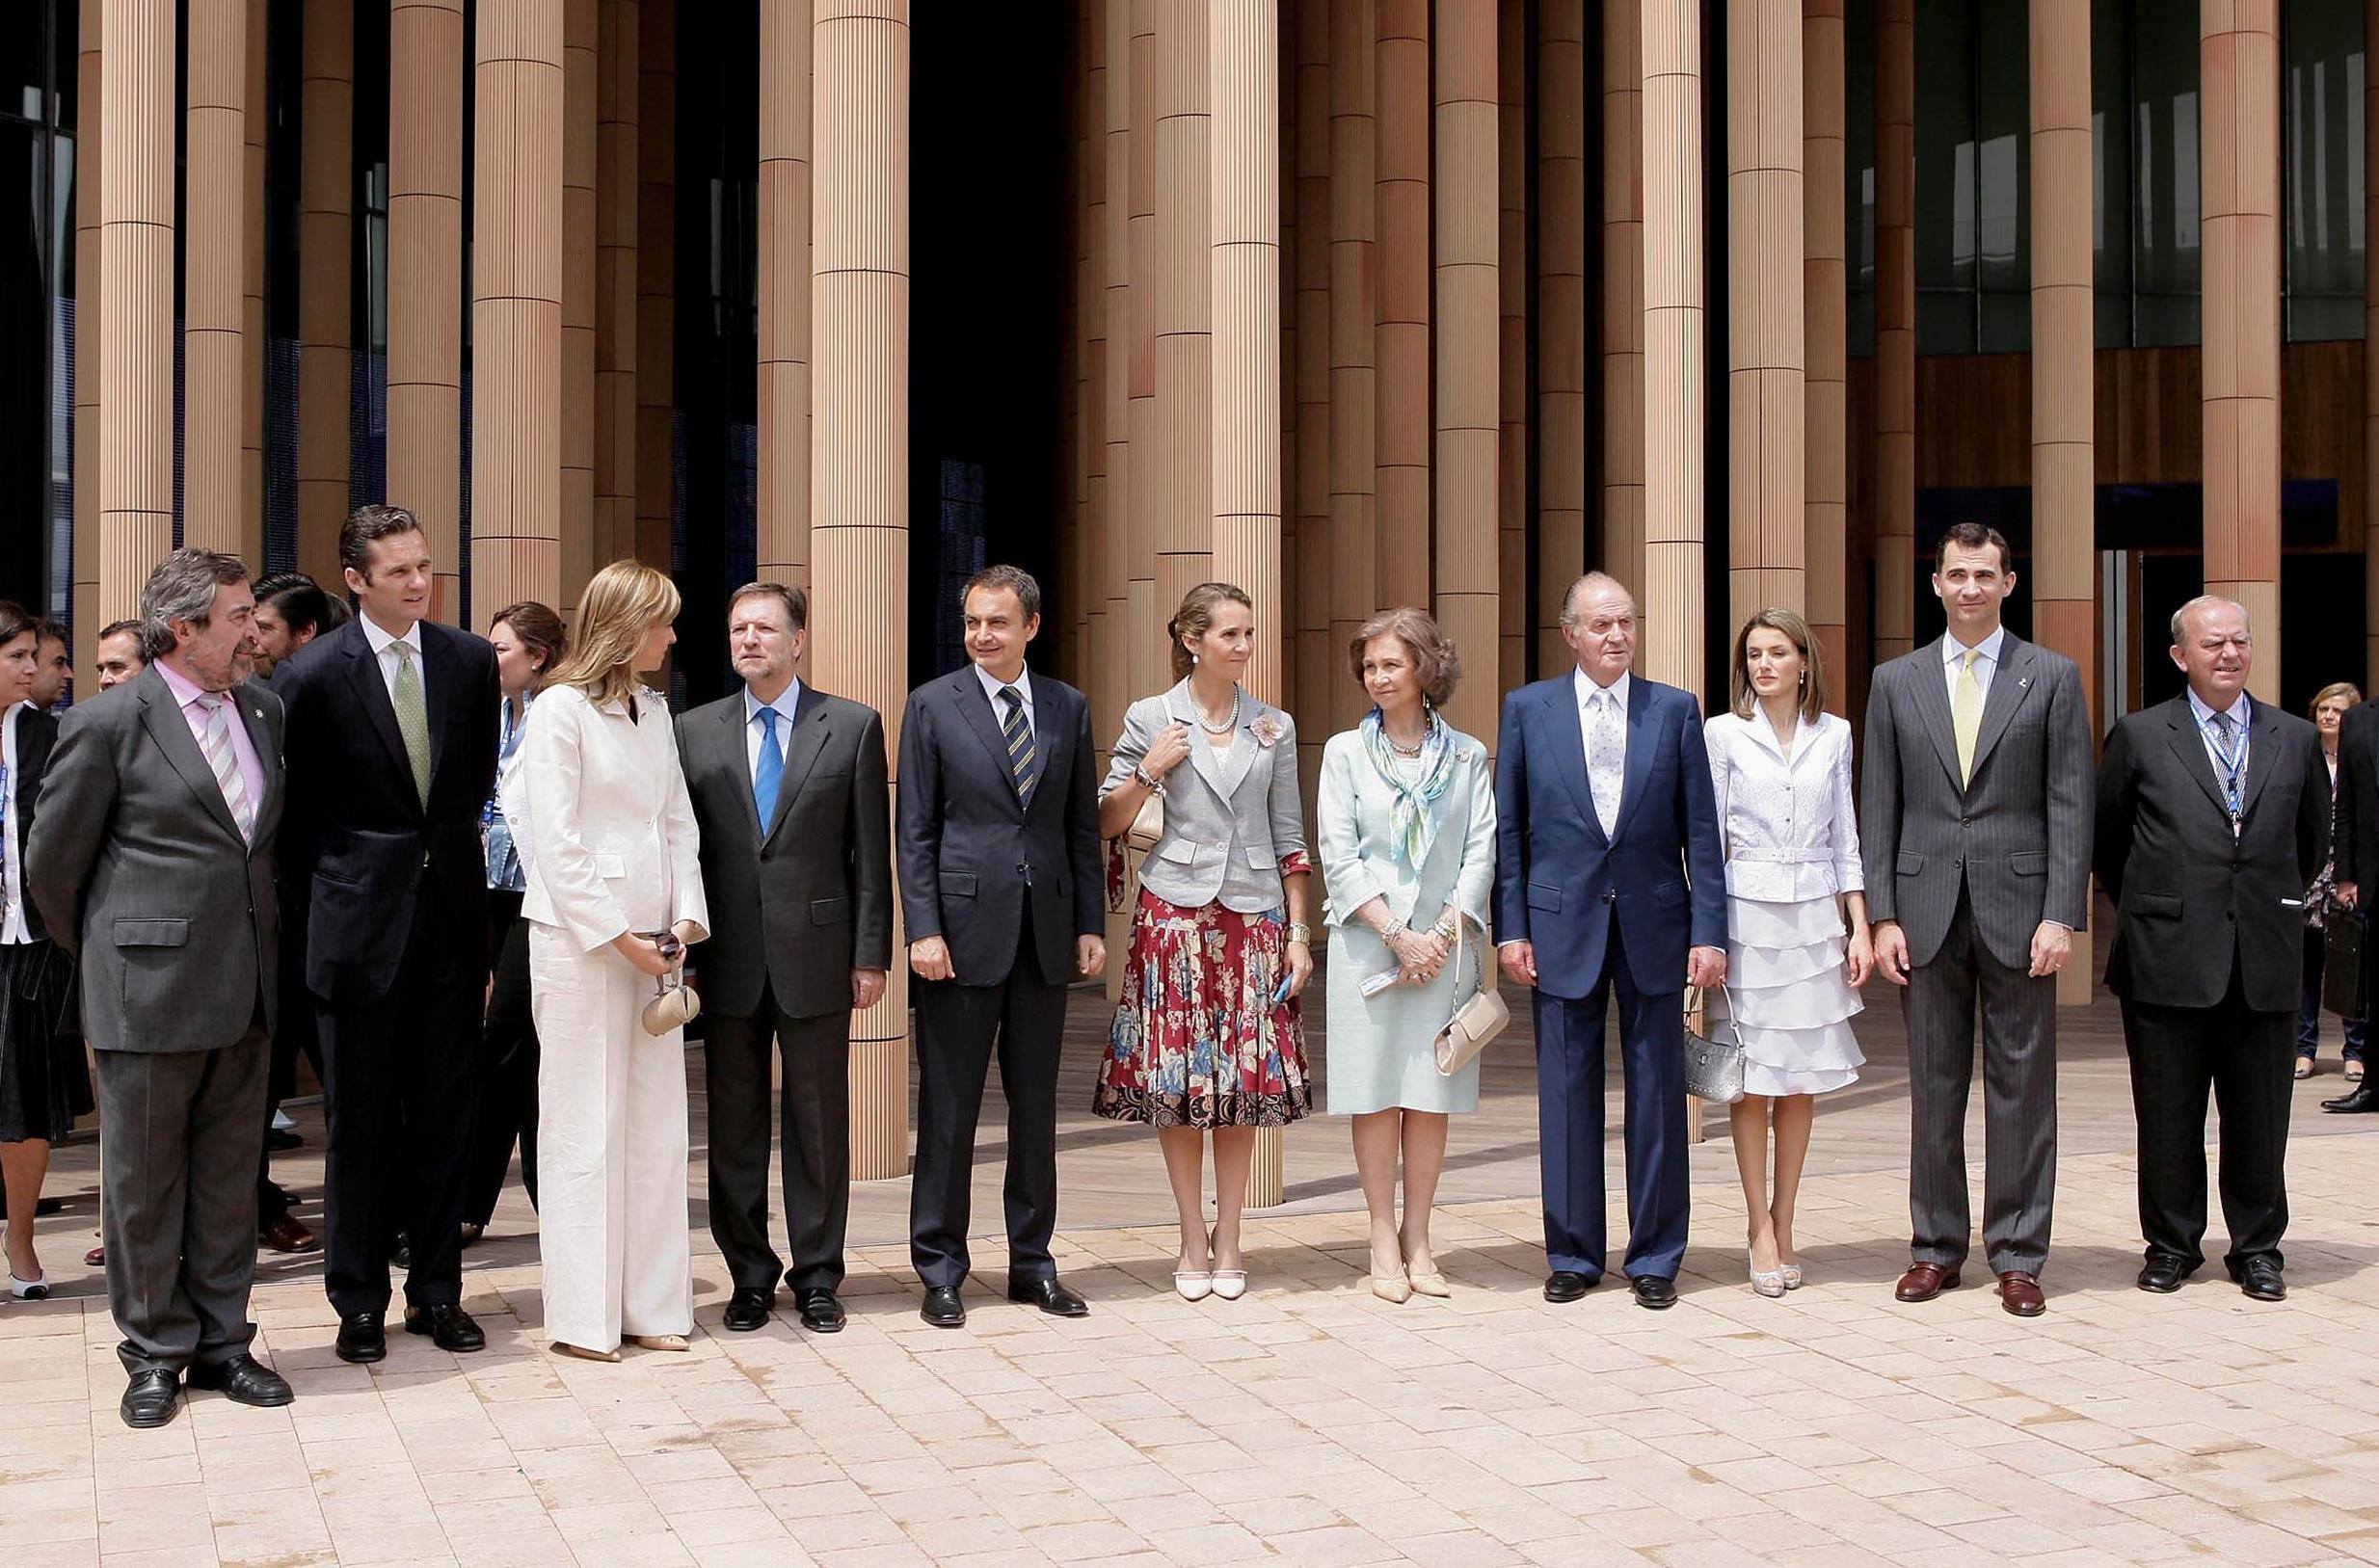 ¿Cuánto mide la Infanta Elena de Borbón? - Altura 6m8PXGZM_o